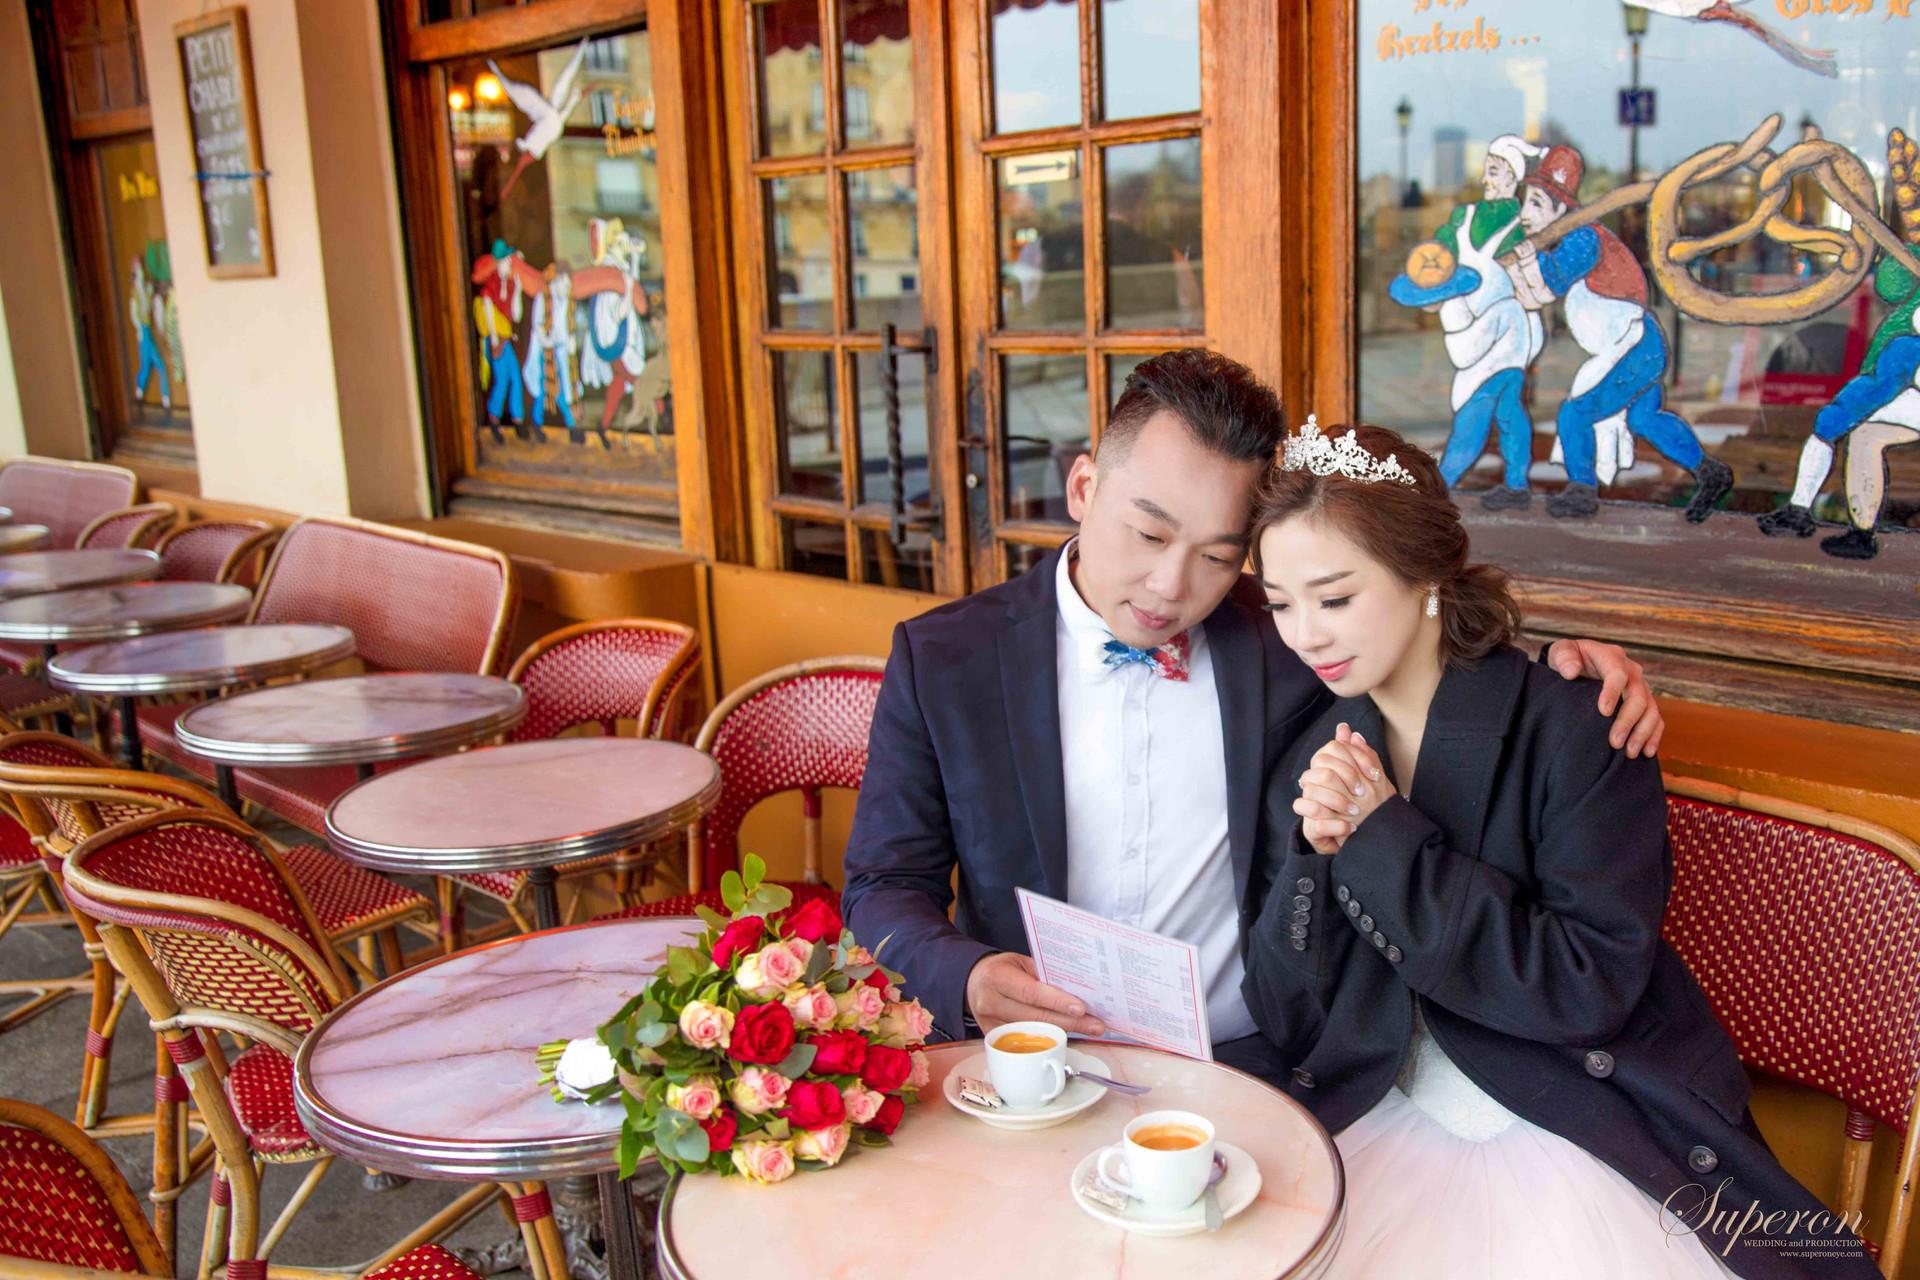 法國巴黎冬日婚紗攝影 海外婚紗攝影 巴黎婚紗照 巴黎當地婚紗攝影師 - paris prewedding -Superoneye Photography